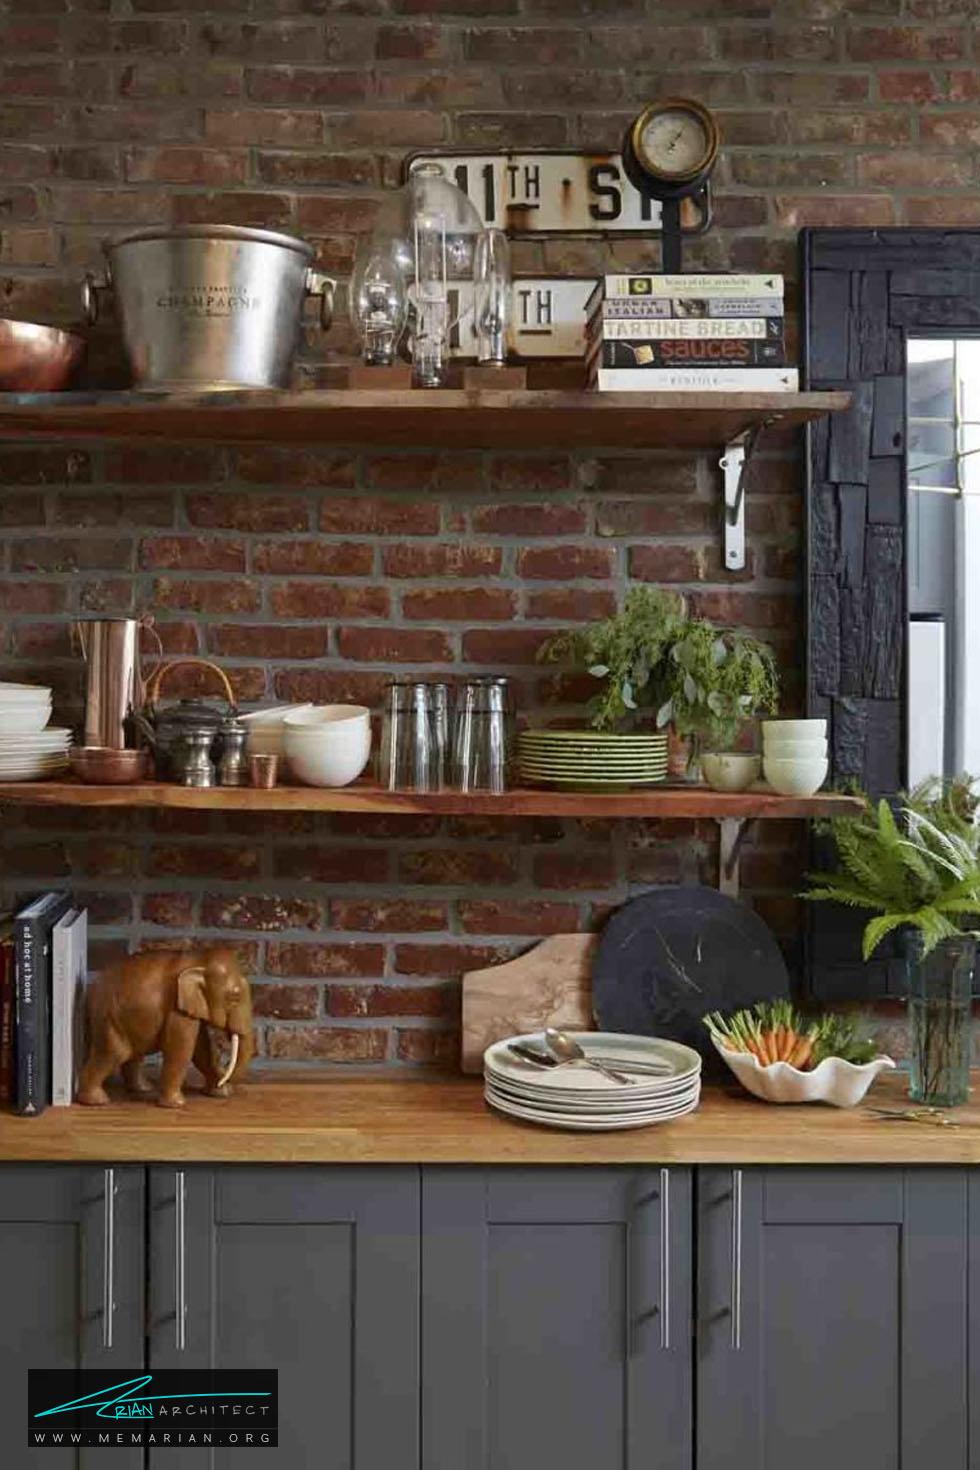 محدوده سرگرم کننده - 20 ایده جذاب برای چیدمان دکوراسیون آشپزخانه